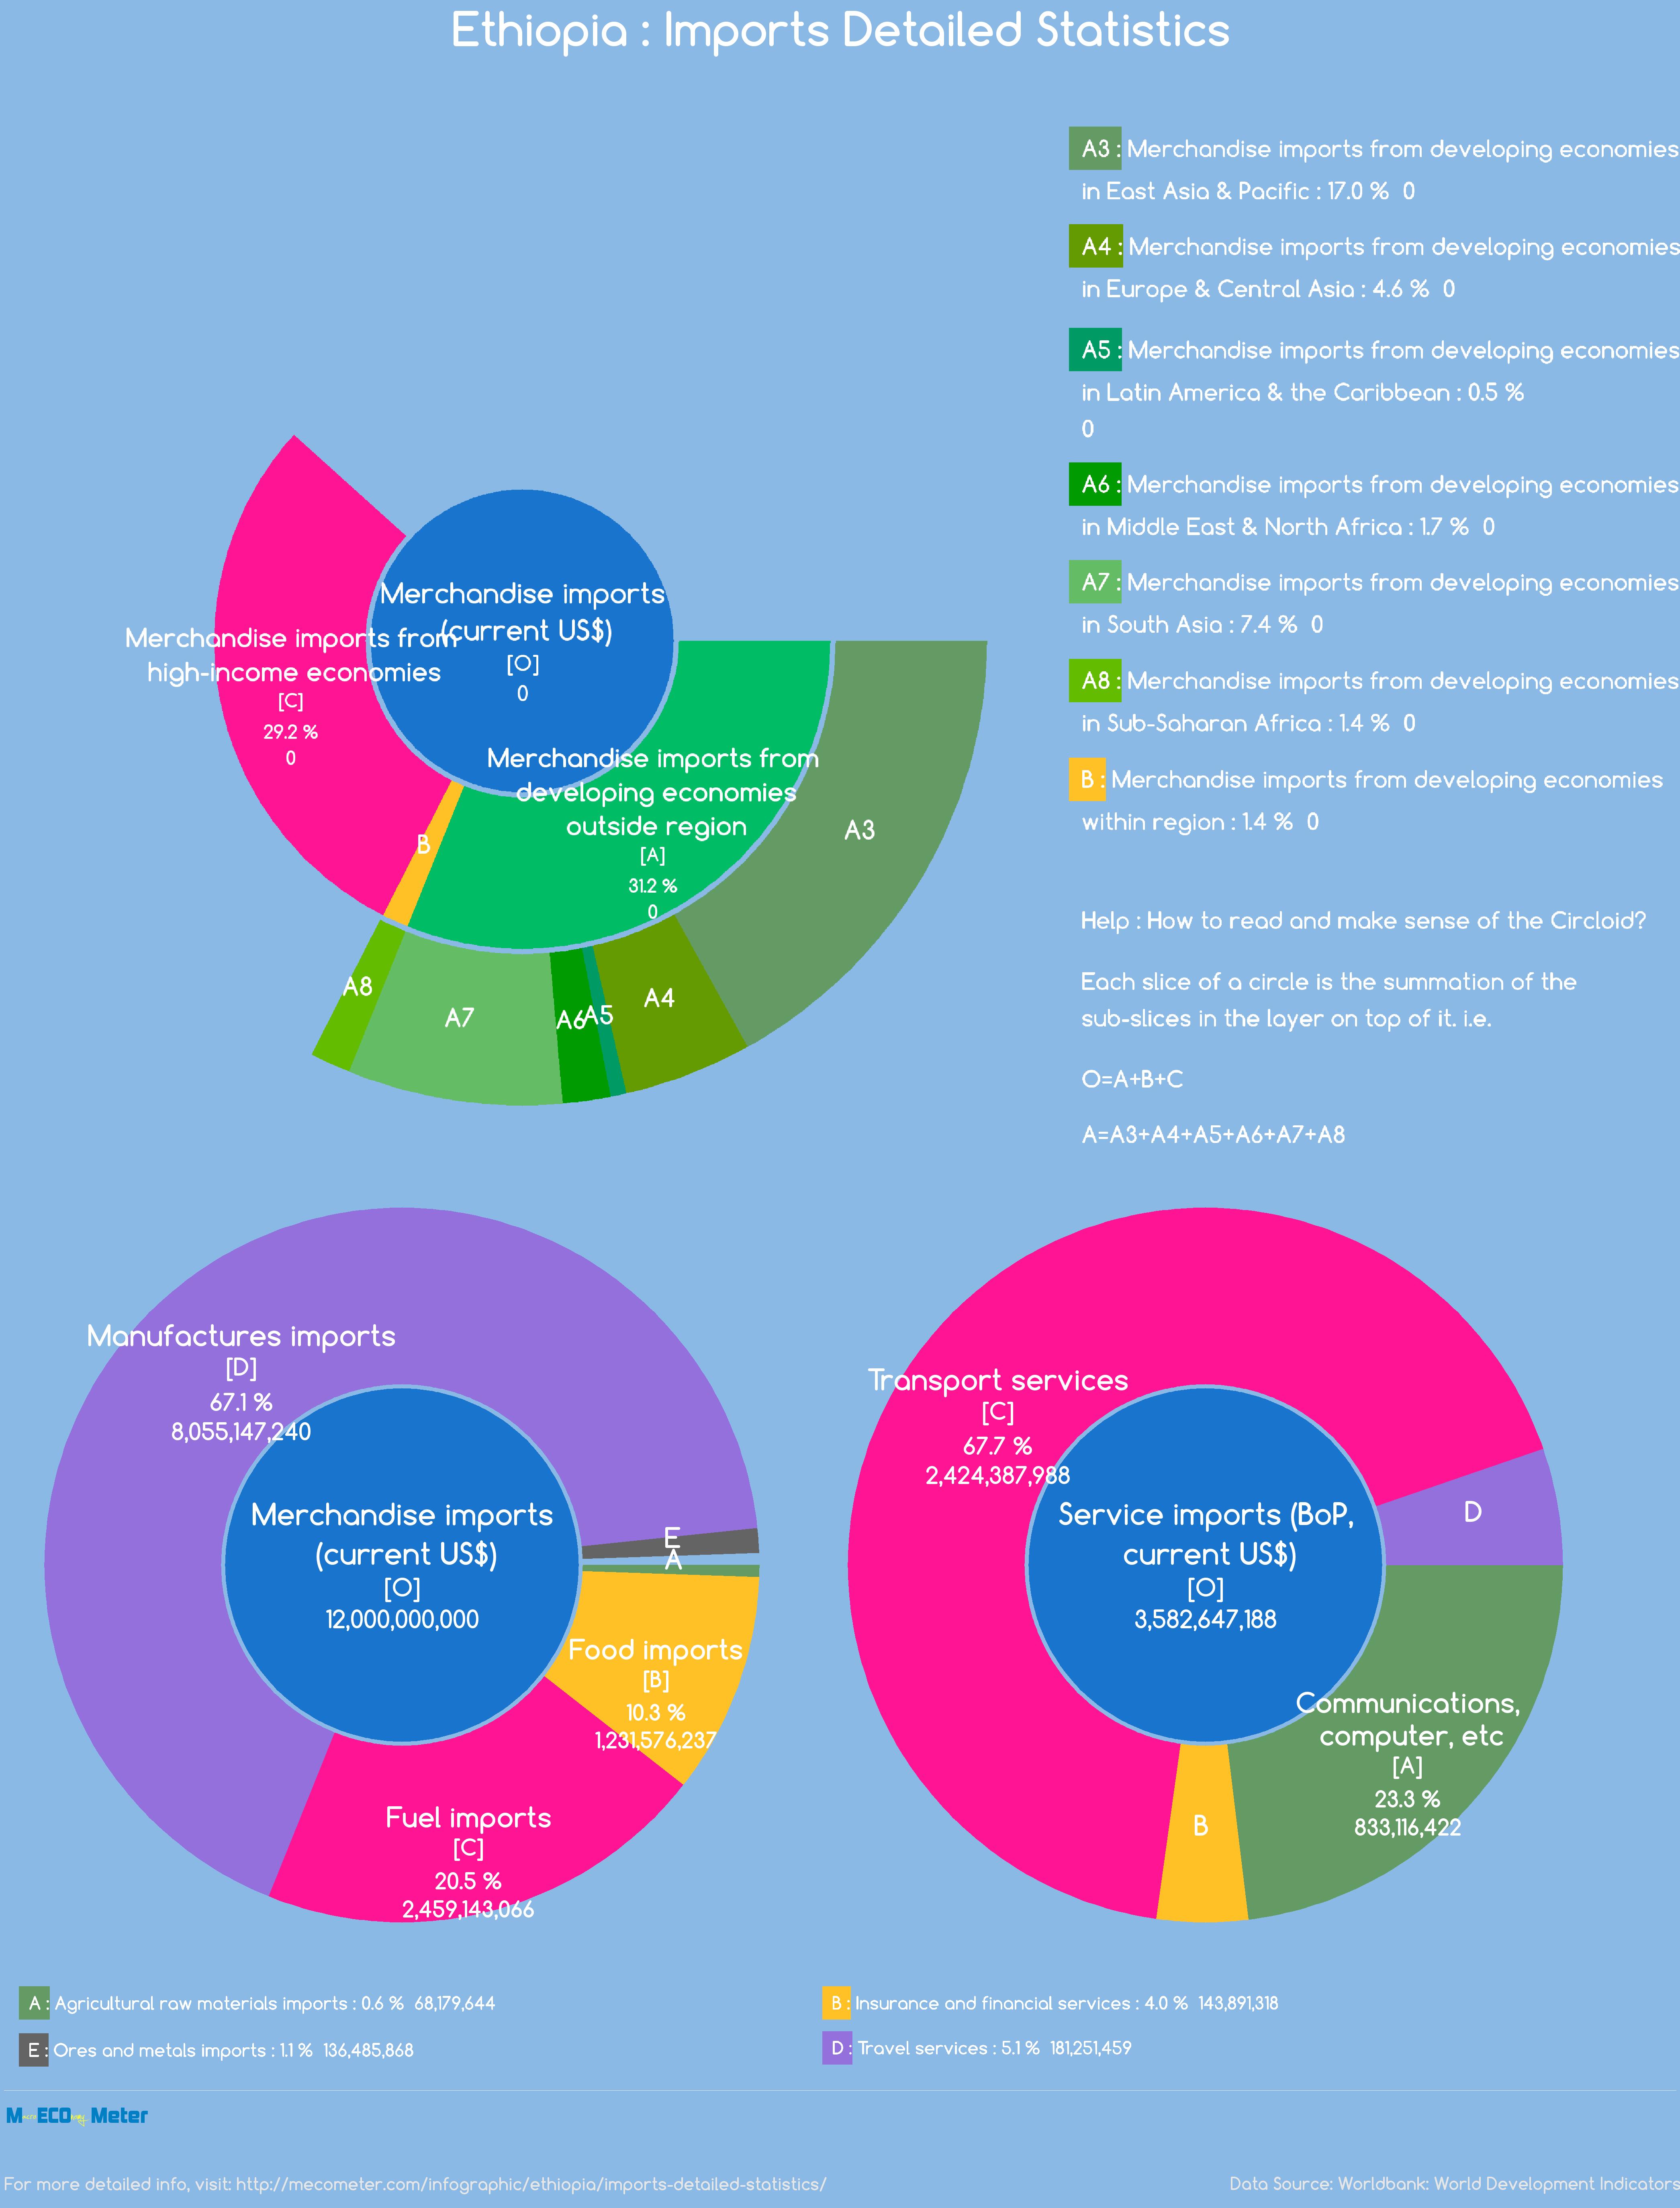 Ethiopia : Imports Detailed Statistics